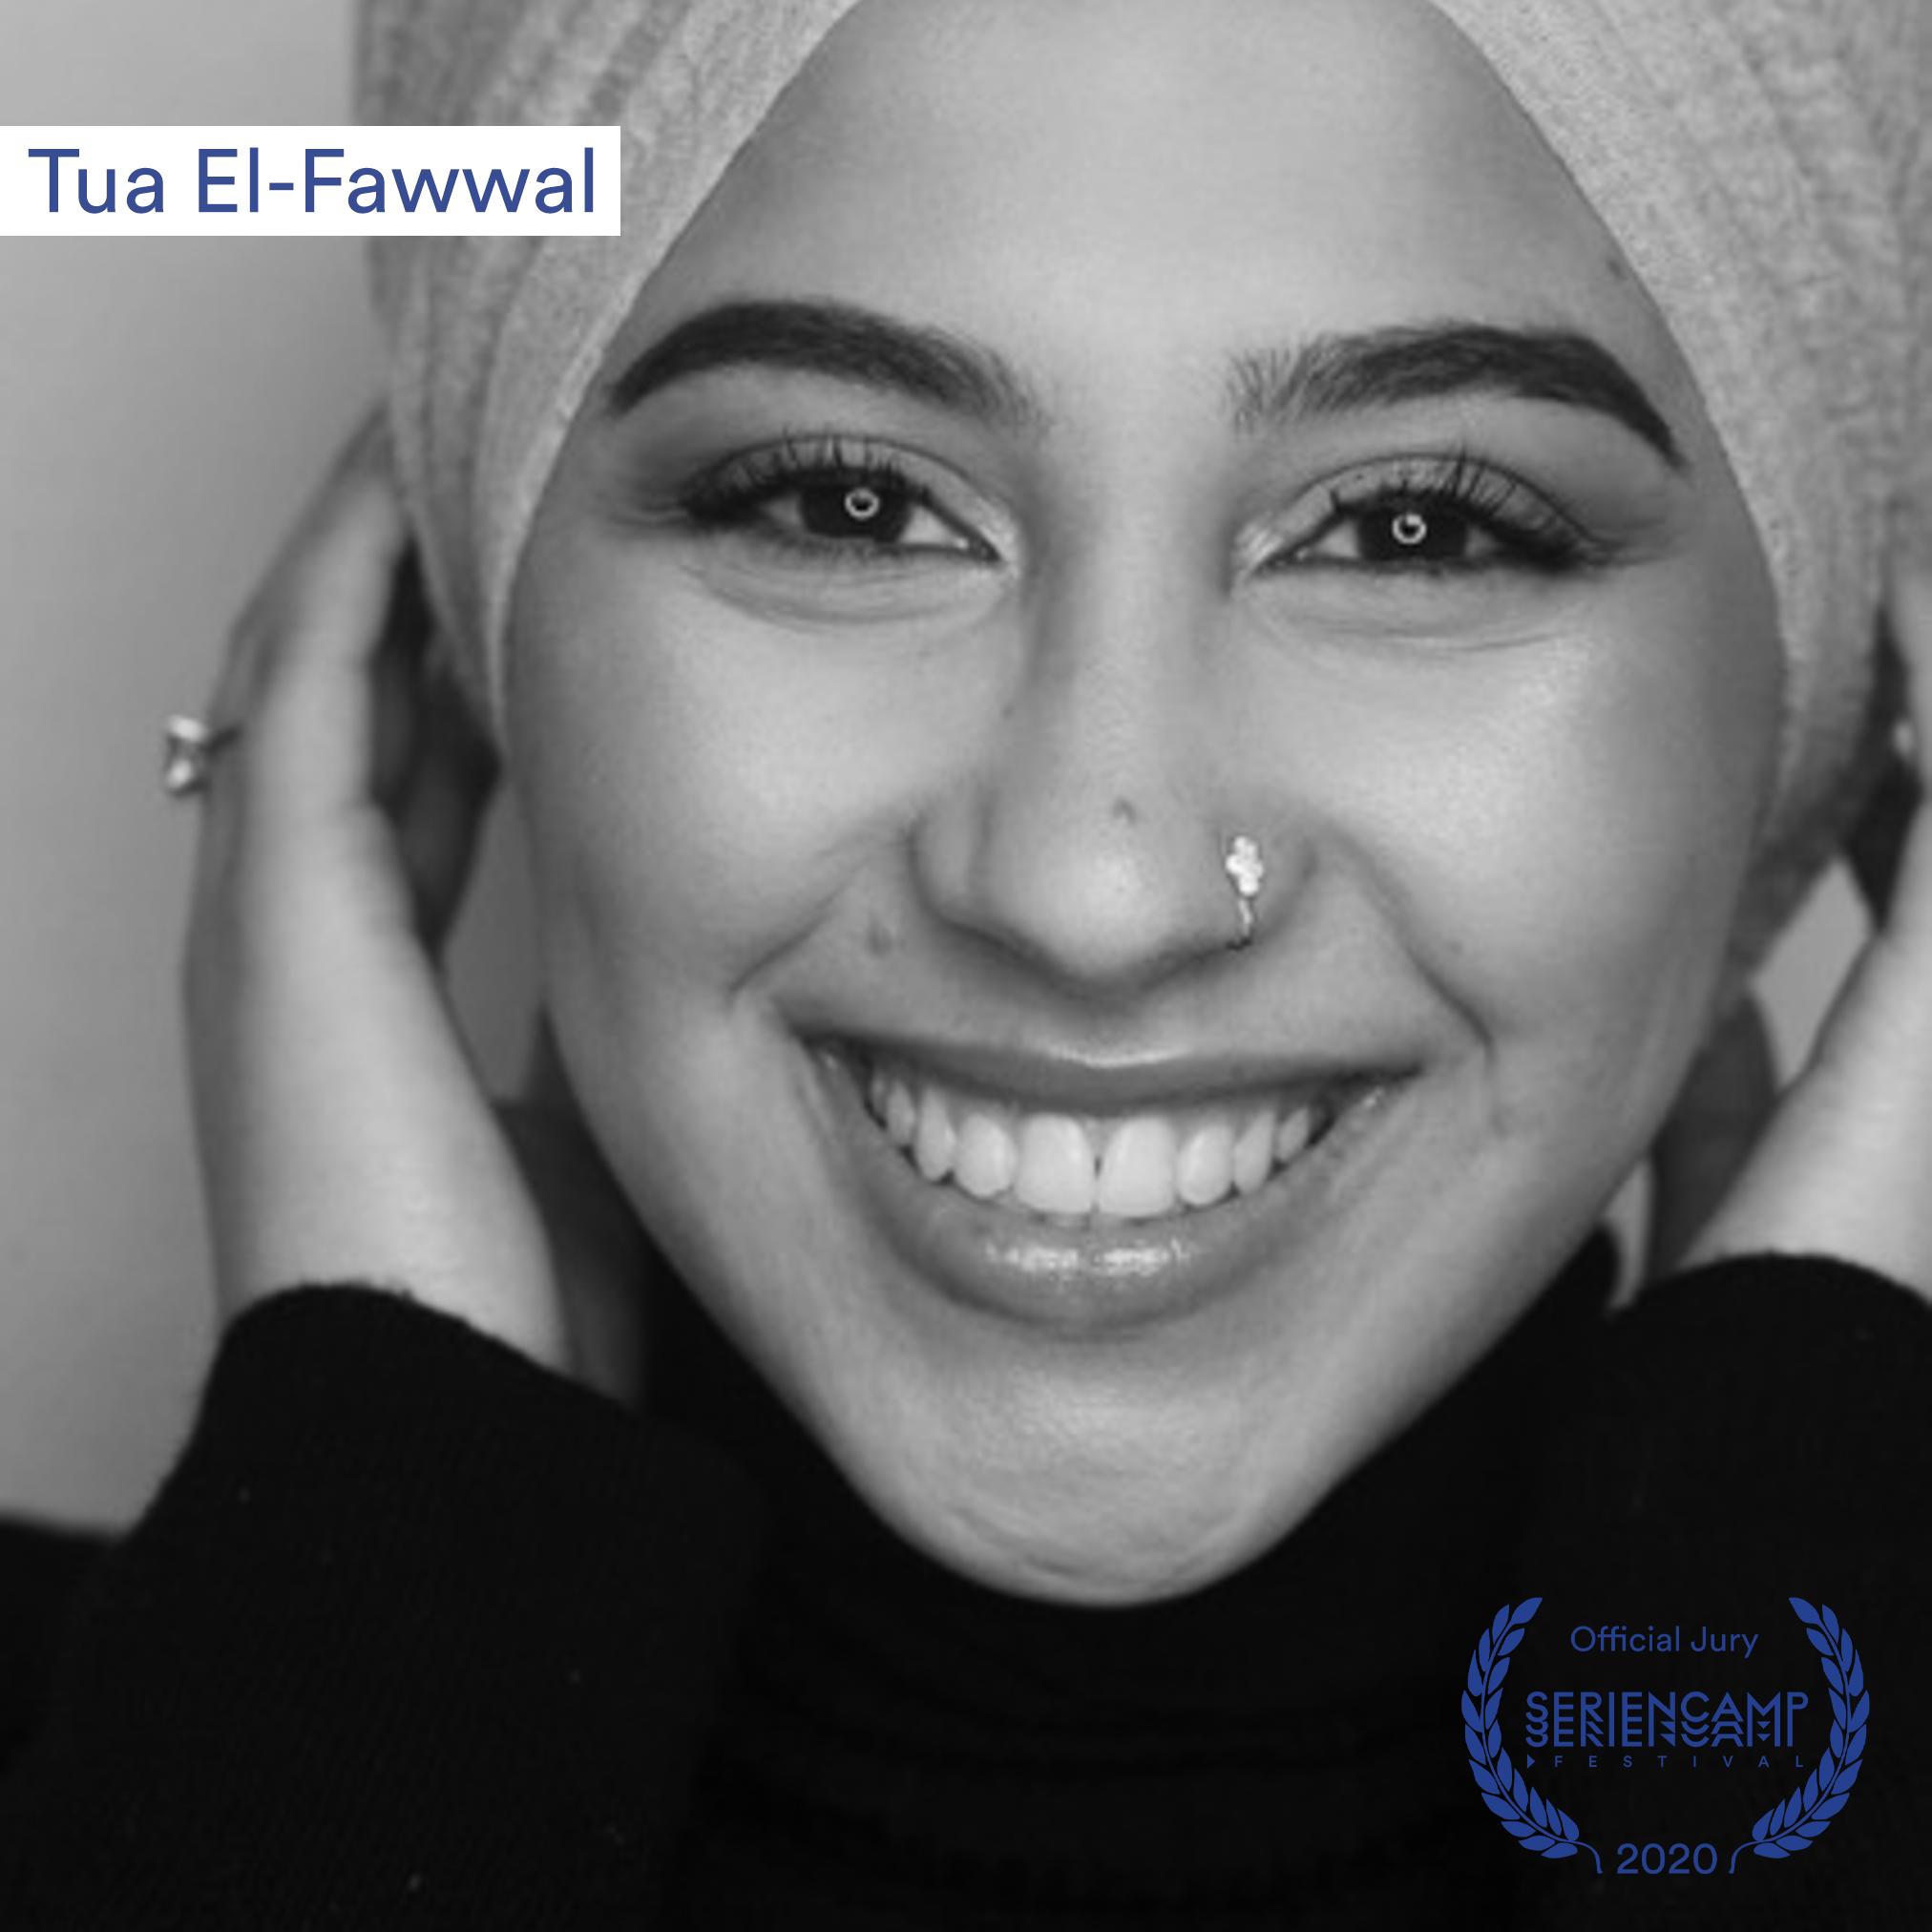 Official Competition 2020: Tua El-Fawwal